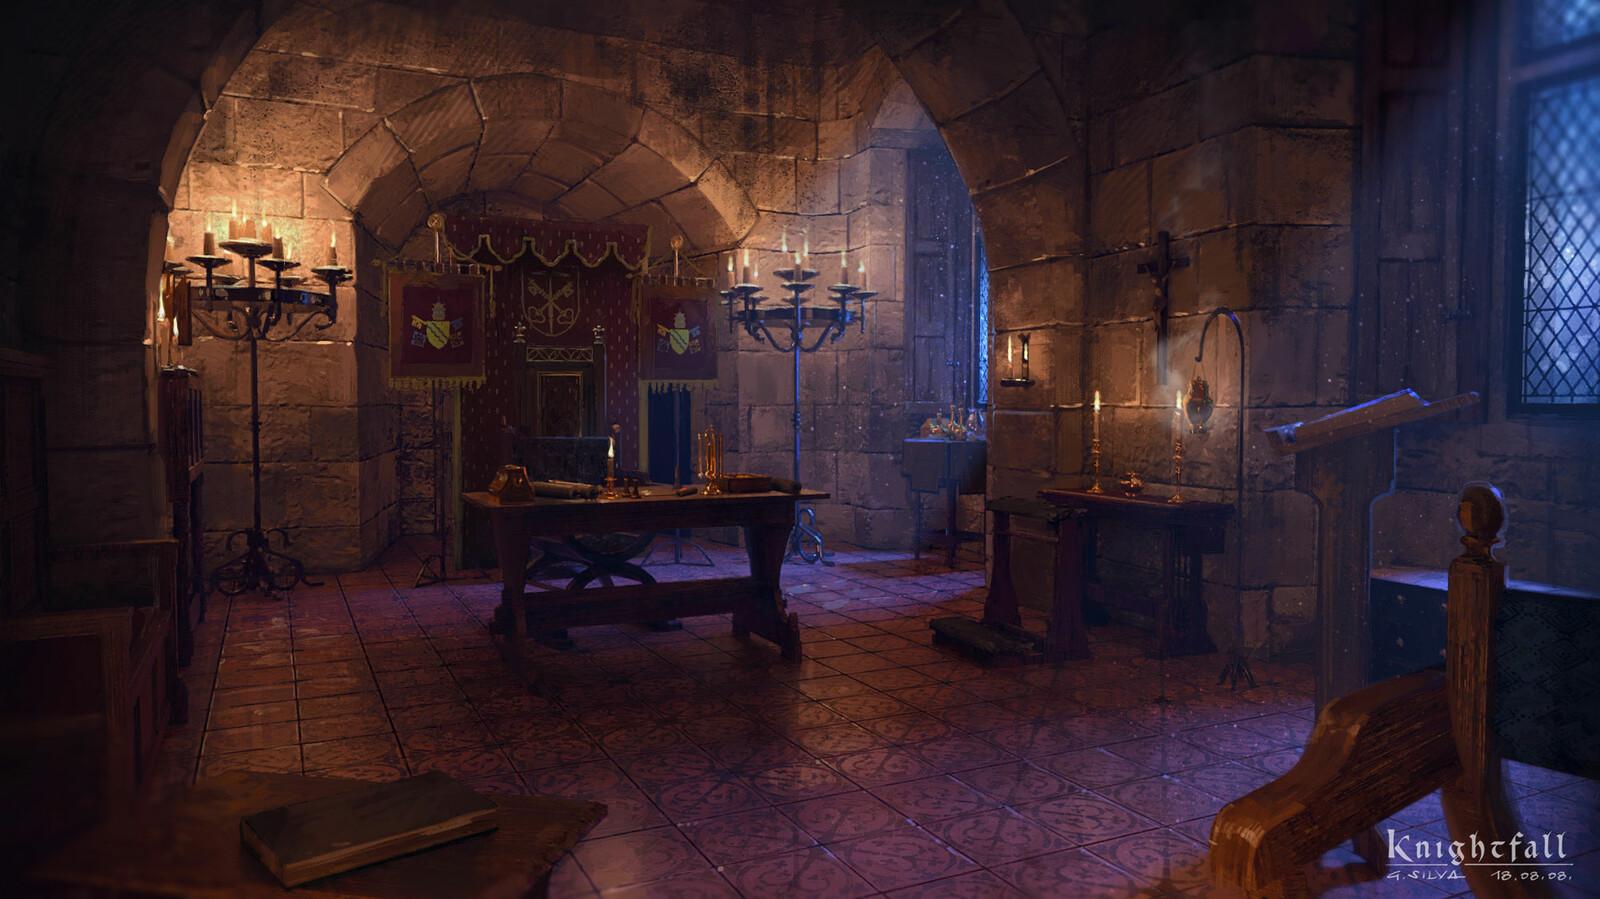 Pope's Chamber